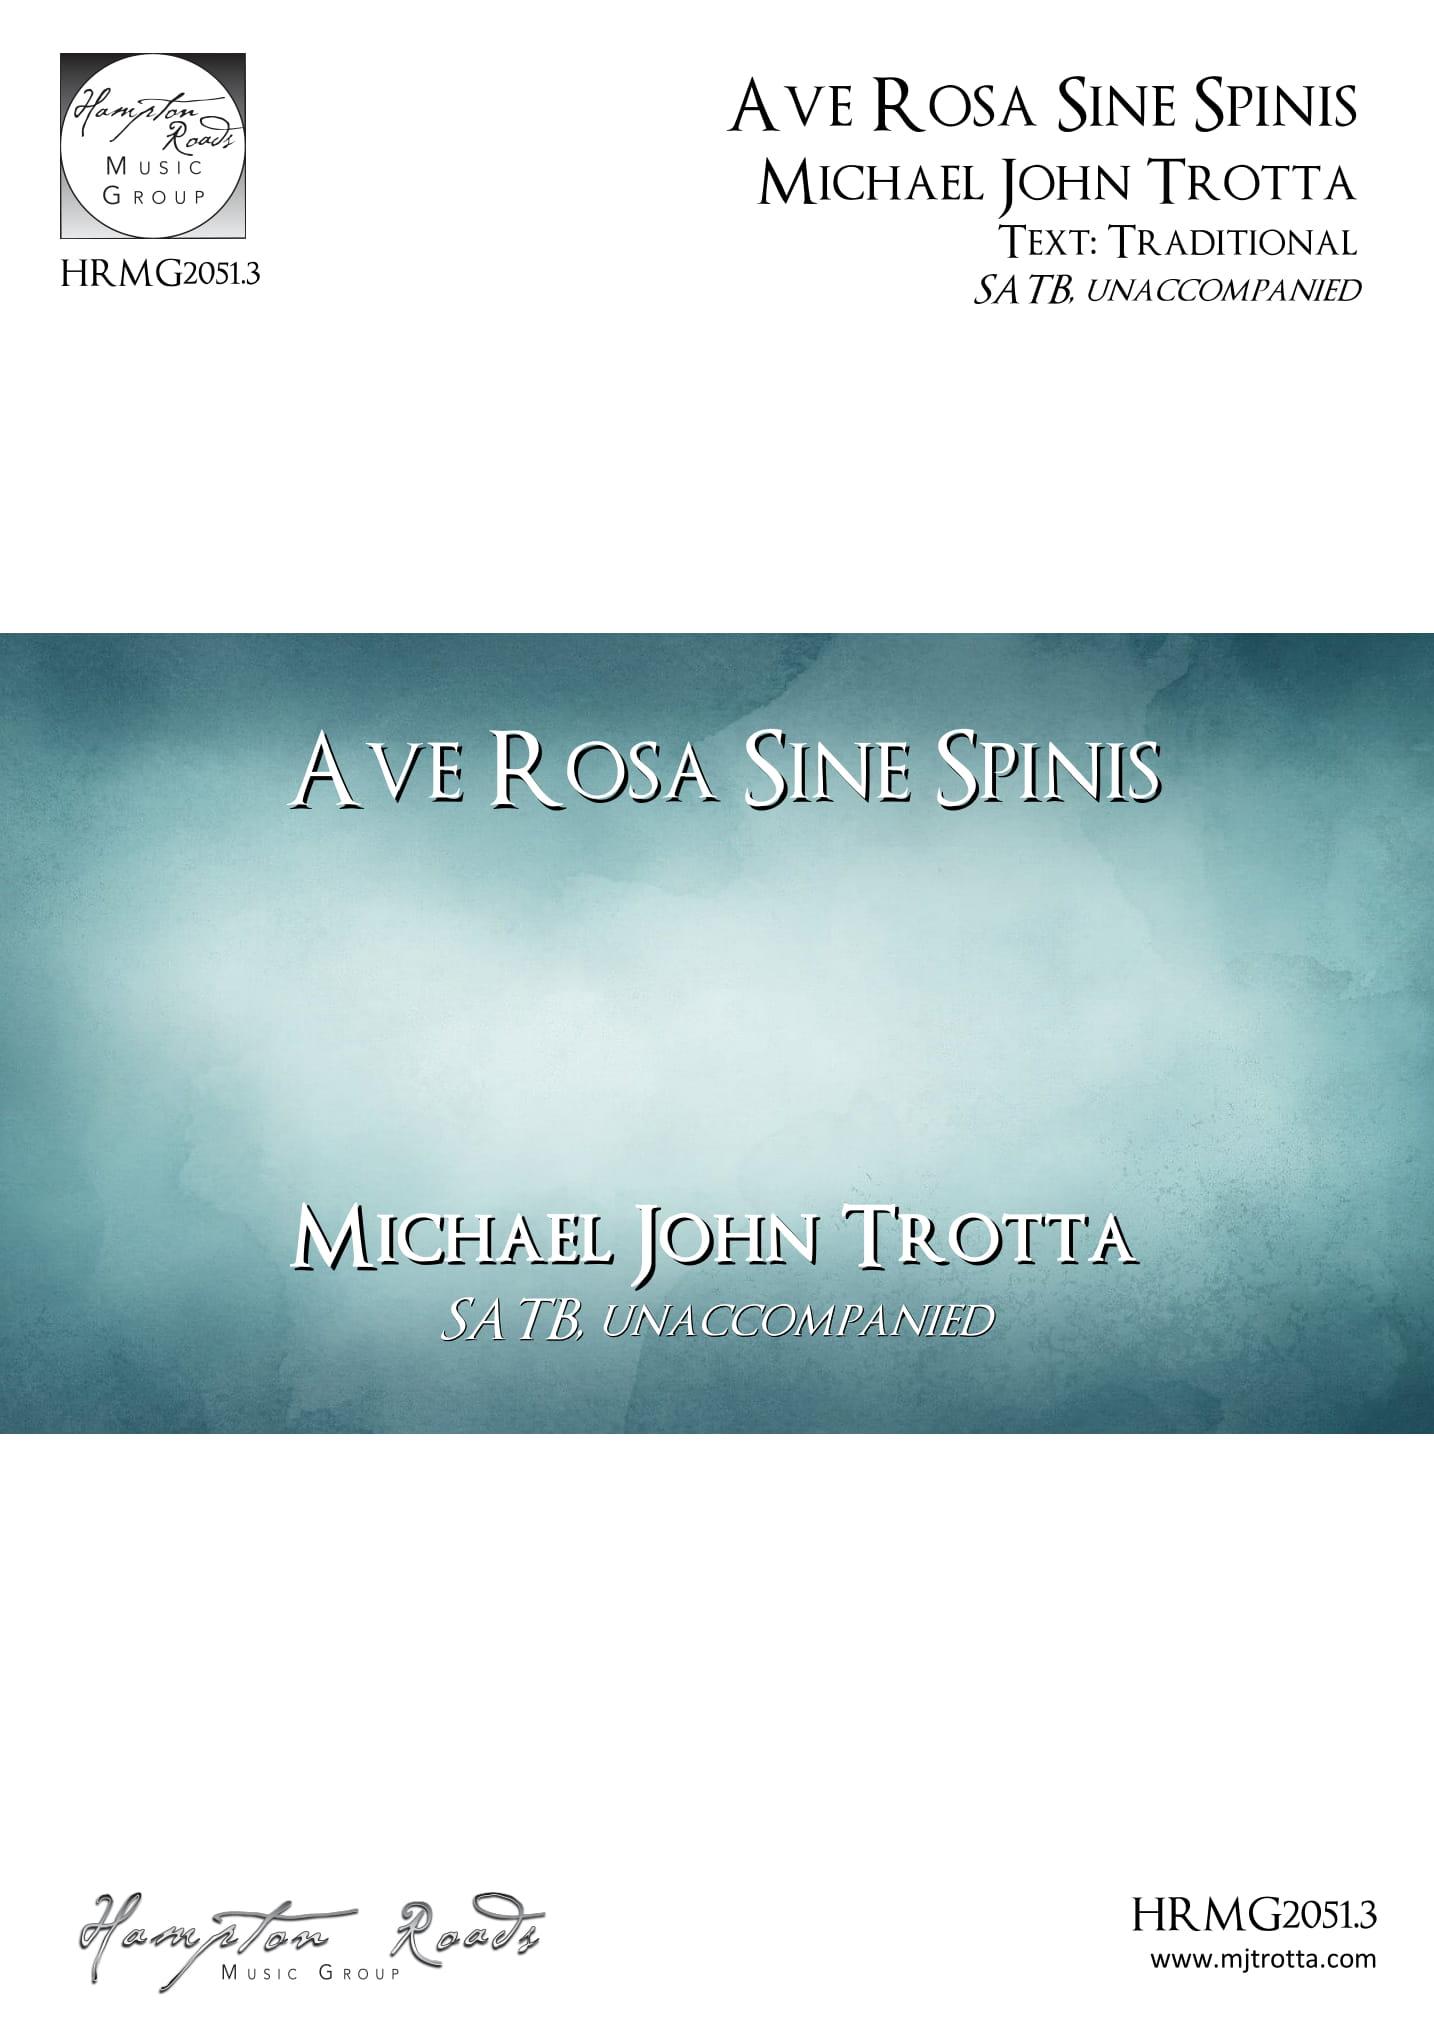 Ave Rosa Sine Spinis - Michael John Trotta